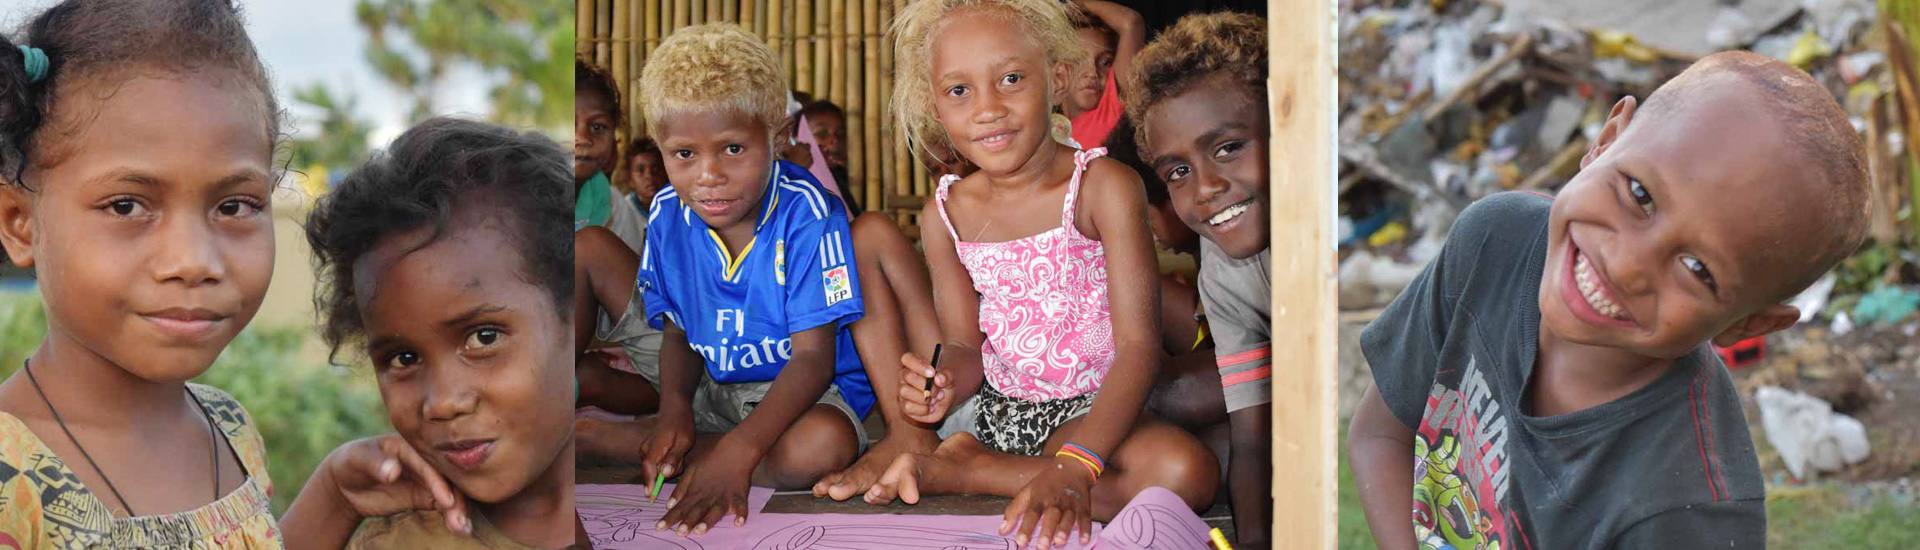 Los niños del basurero de Ranadi aprenden a leer y escribir